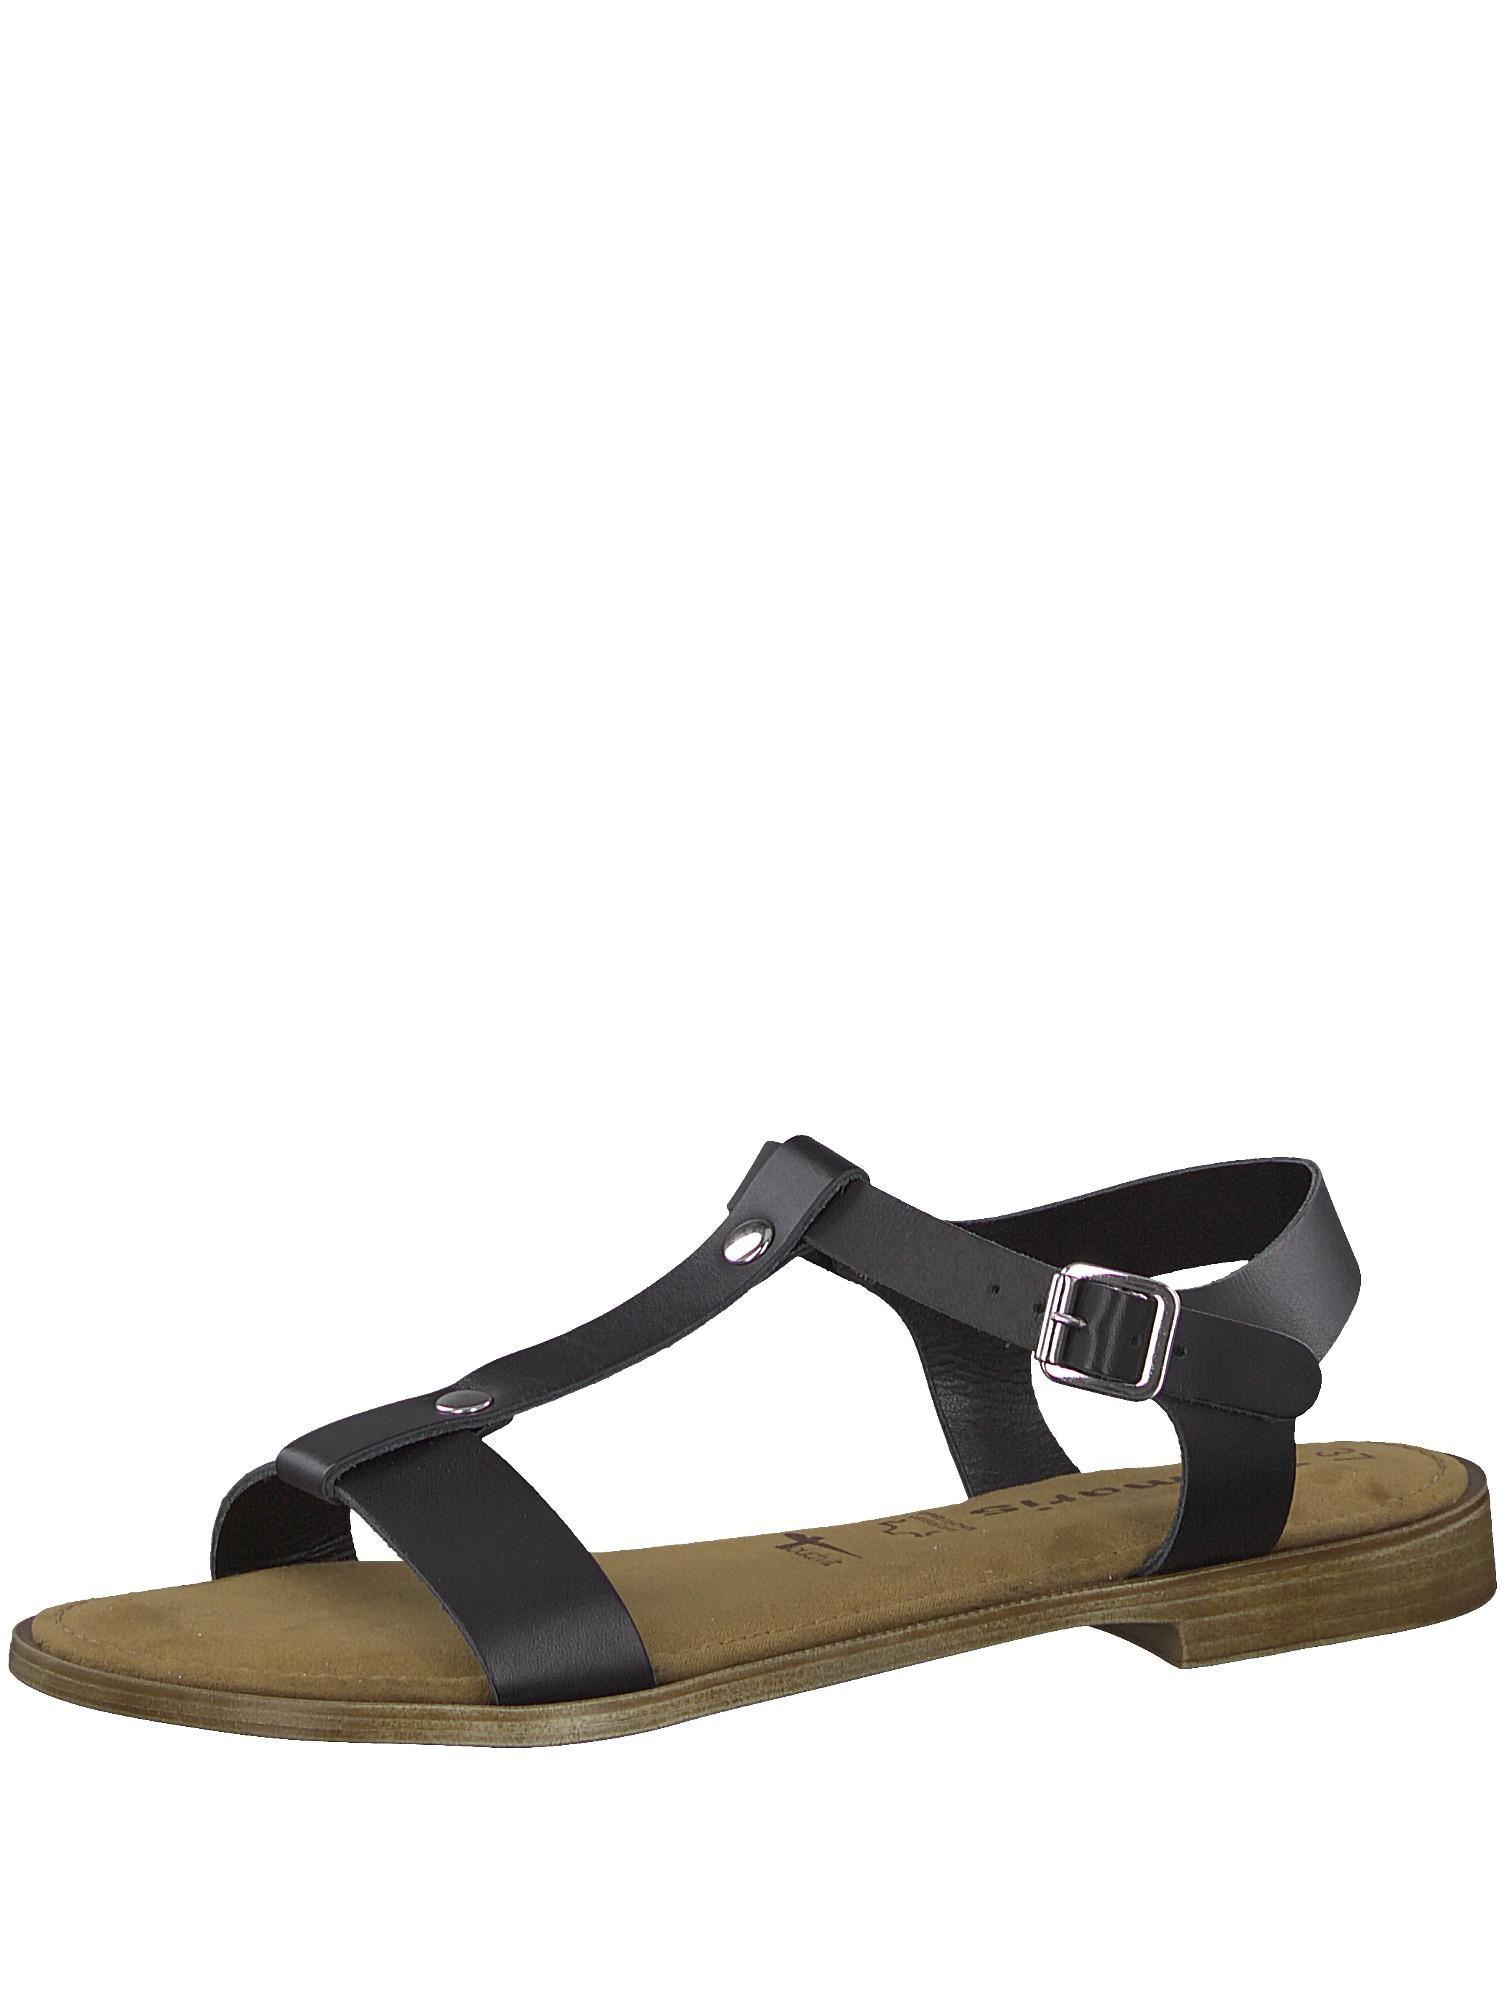 Damen - Sandalen 'Sommersandale'